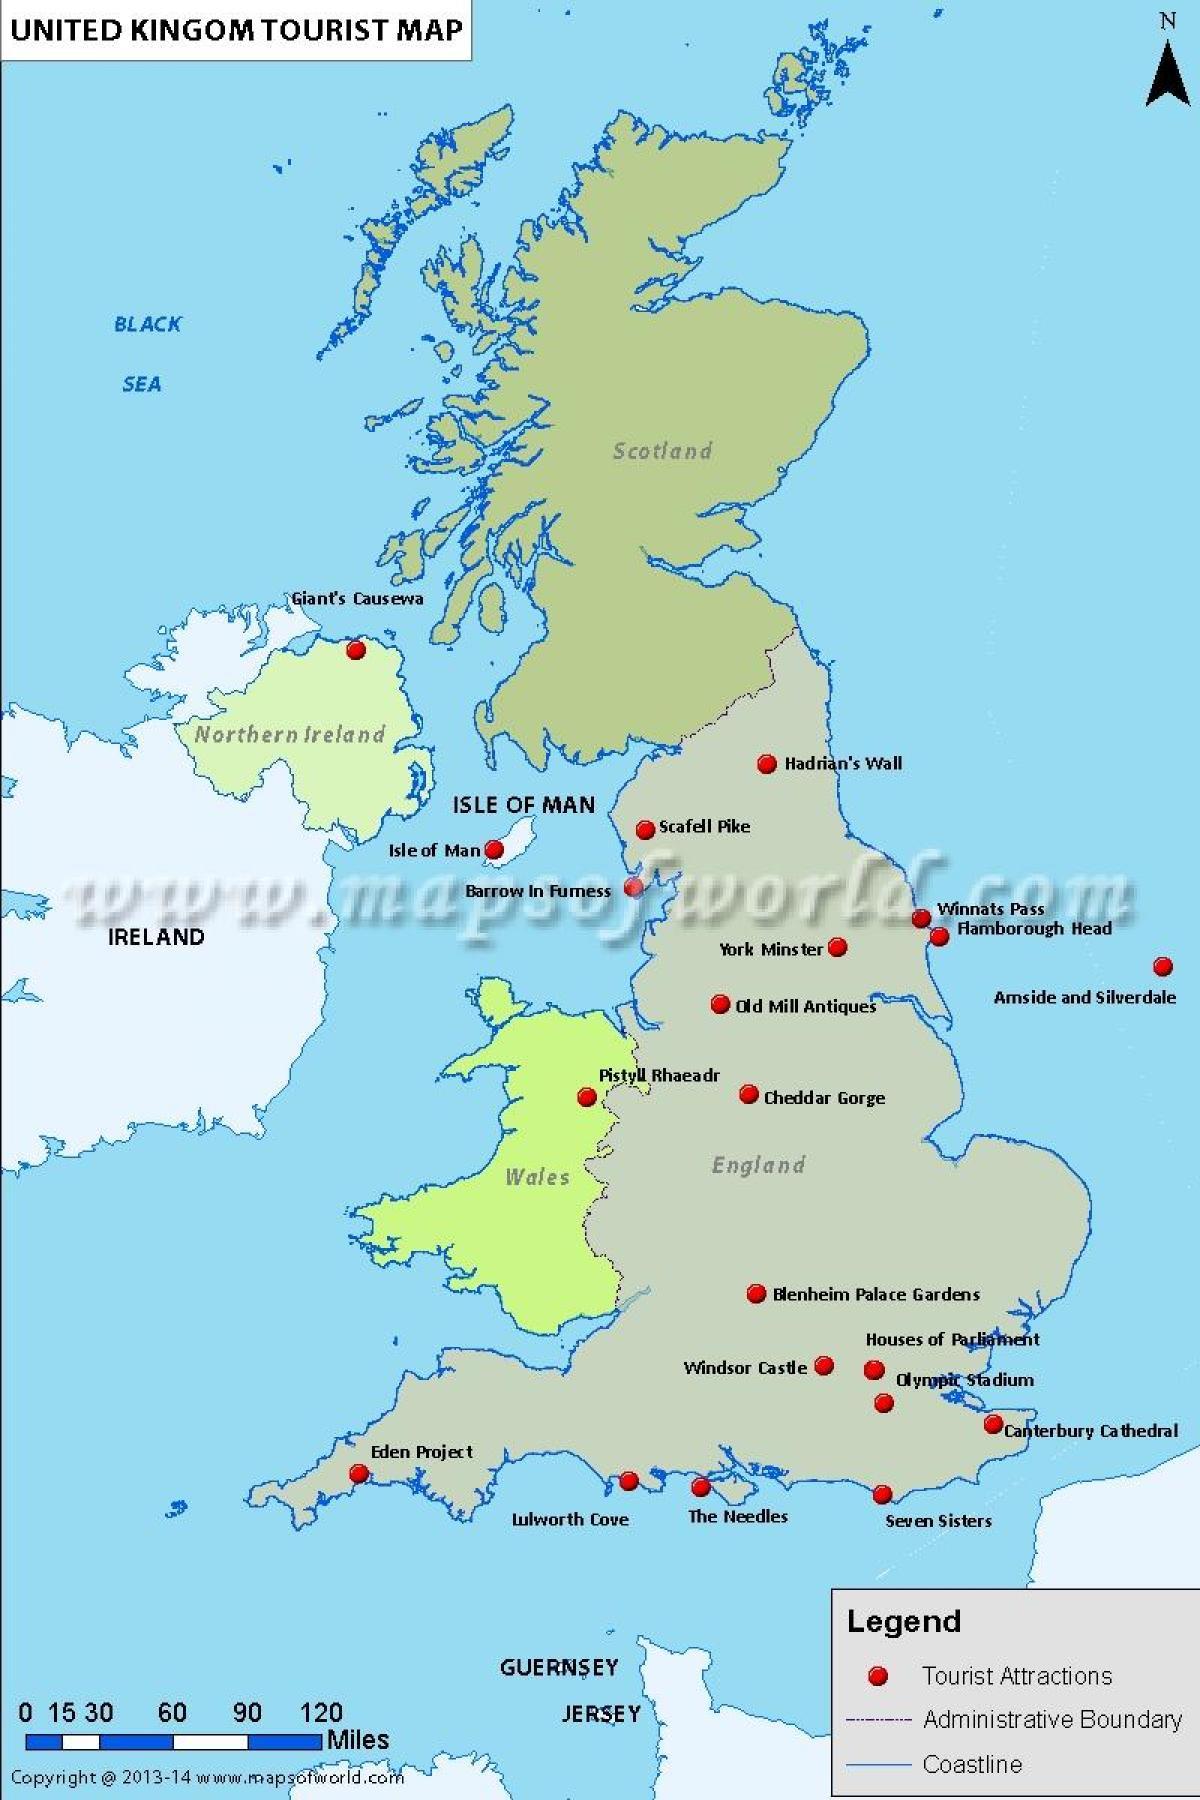 Sehenswürdigkeiten Großbritannien Karte.Uk Touristische Landkarte Mit Sehenswürdigkeiten Grossbritannien